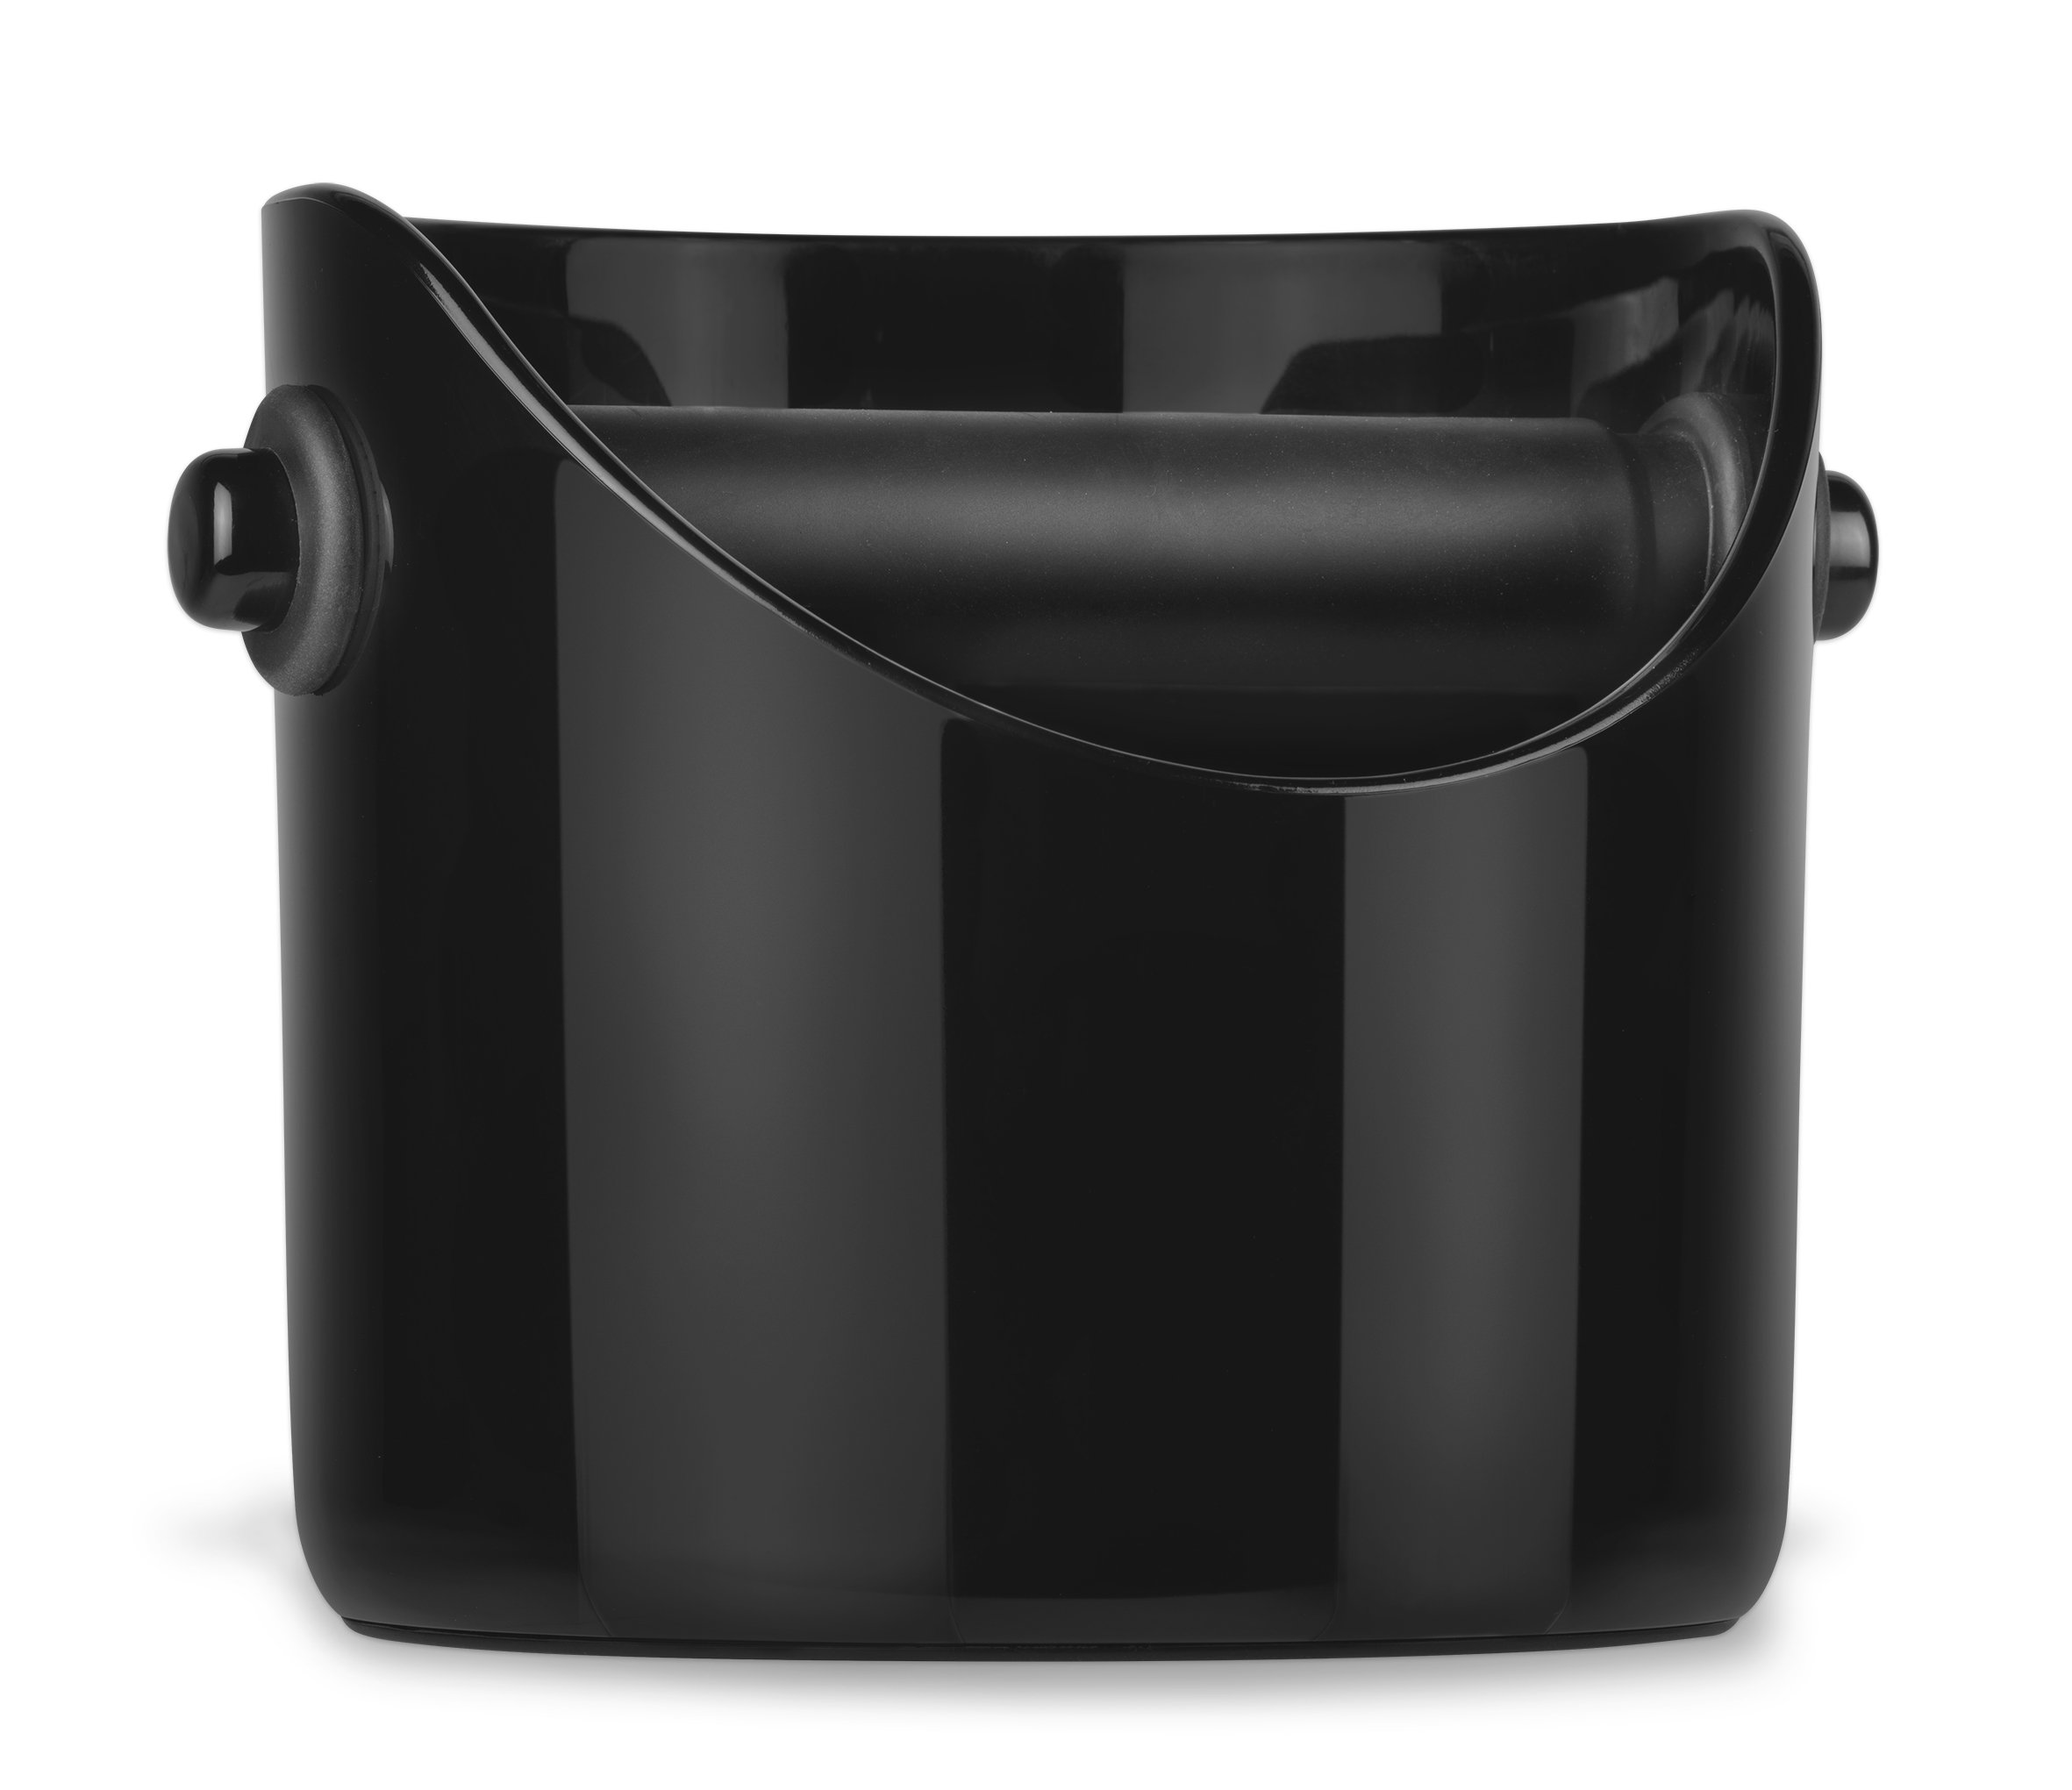 Dreamfarm Big Grindenstein - Large Coffee Grind Knock Box and Espresso Dump Bin (Black)